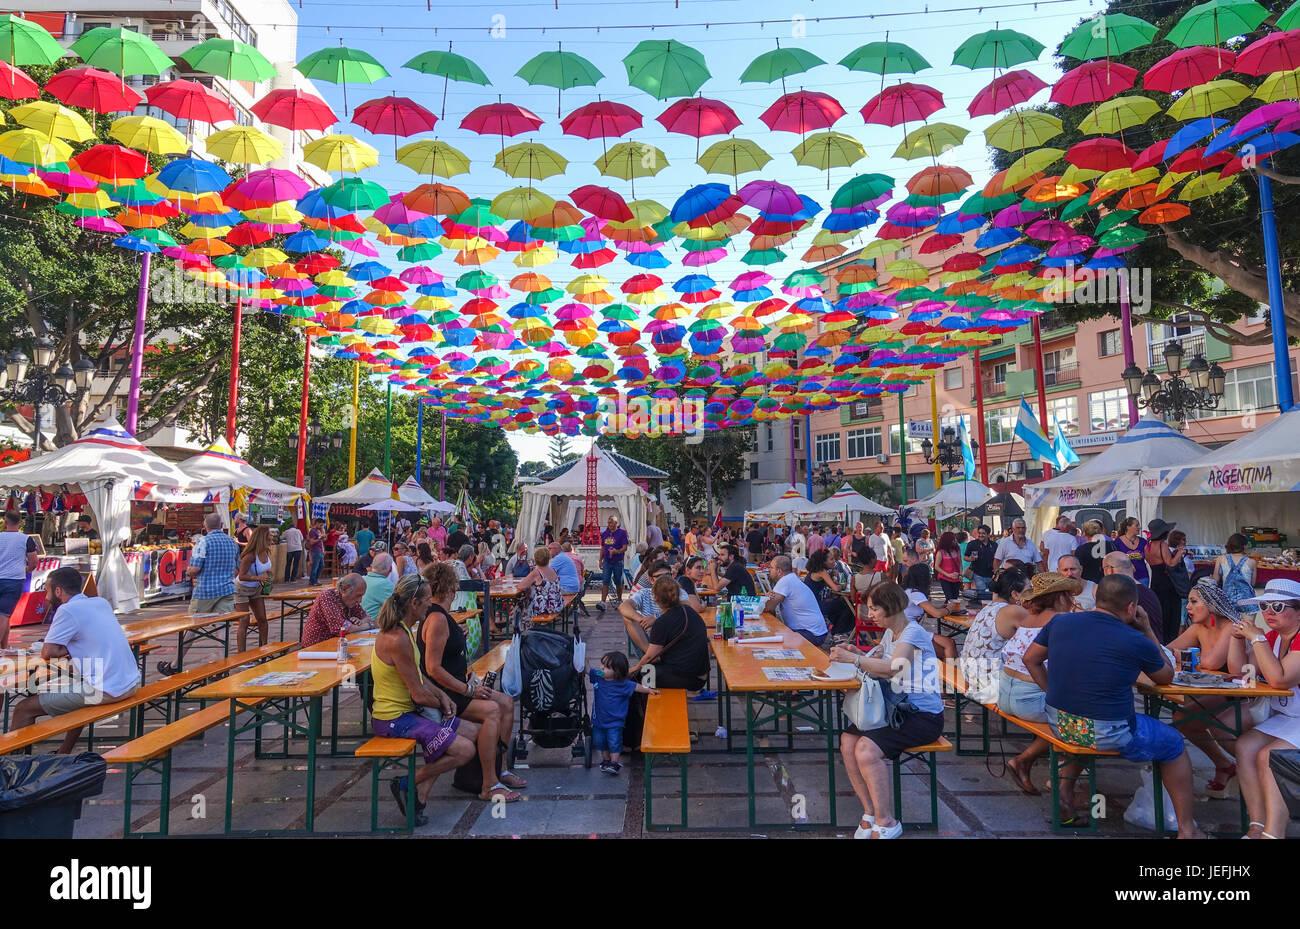 Food Festival di culture diverse, Torremolinos, Andalusia, Spagna. Immagini Stock